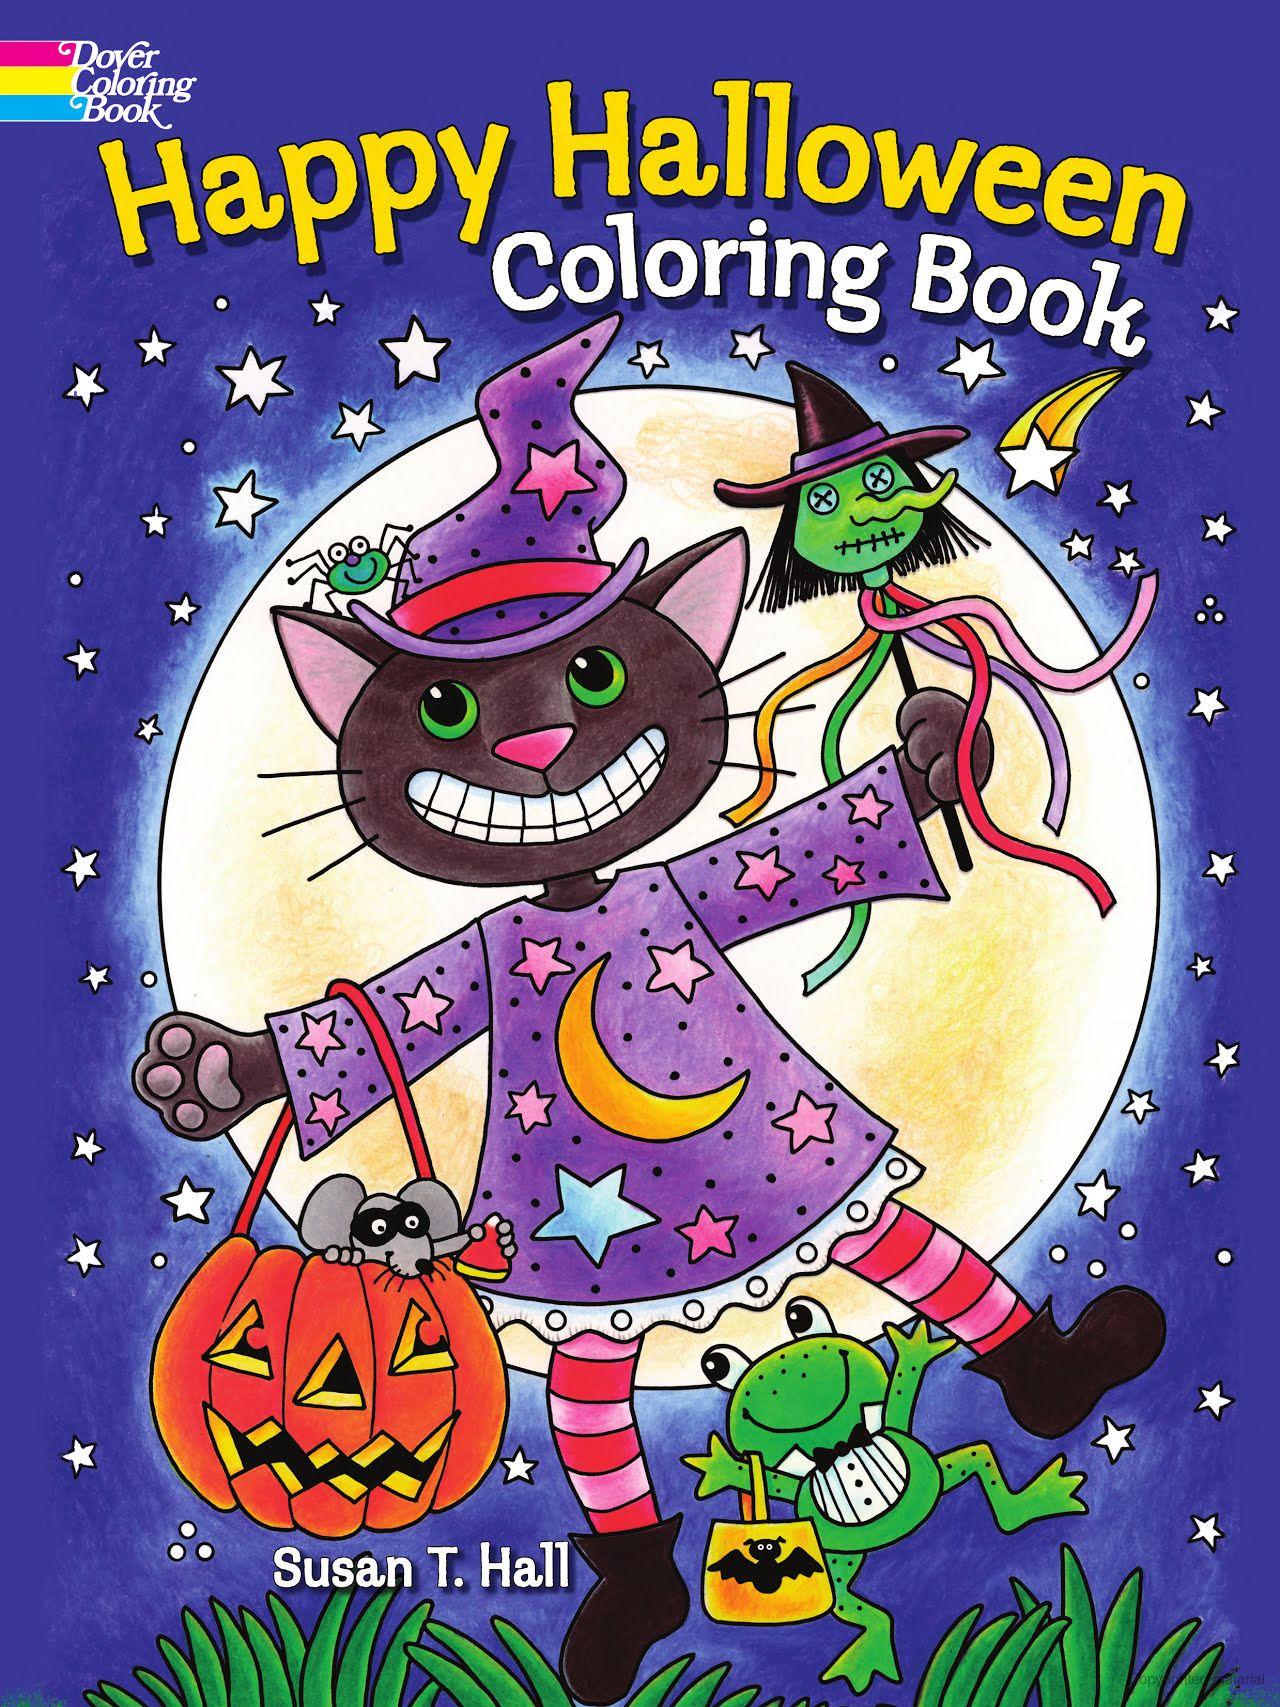 Happy Halloween Halloween coloring book, Halloween